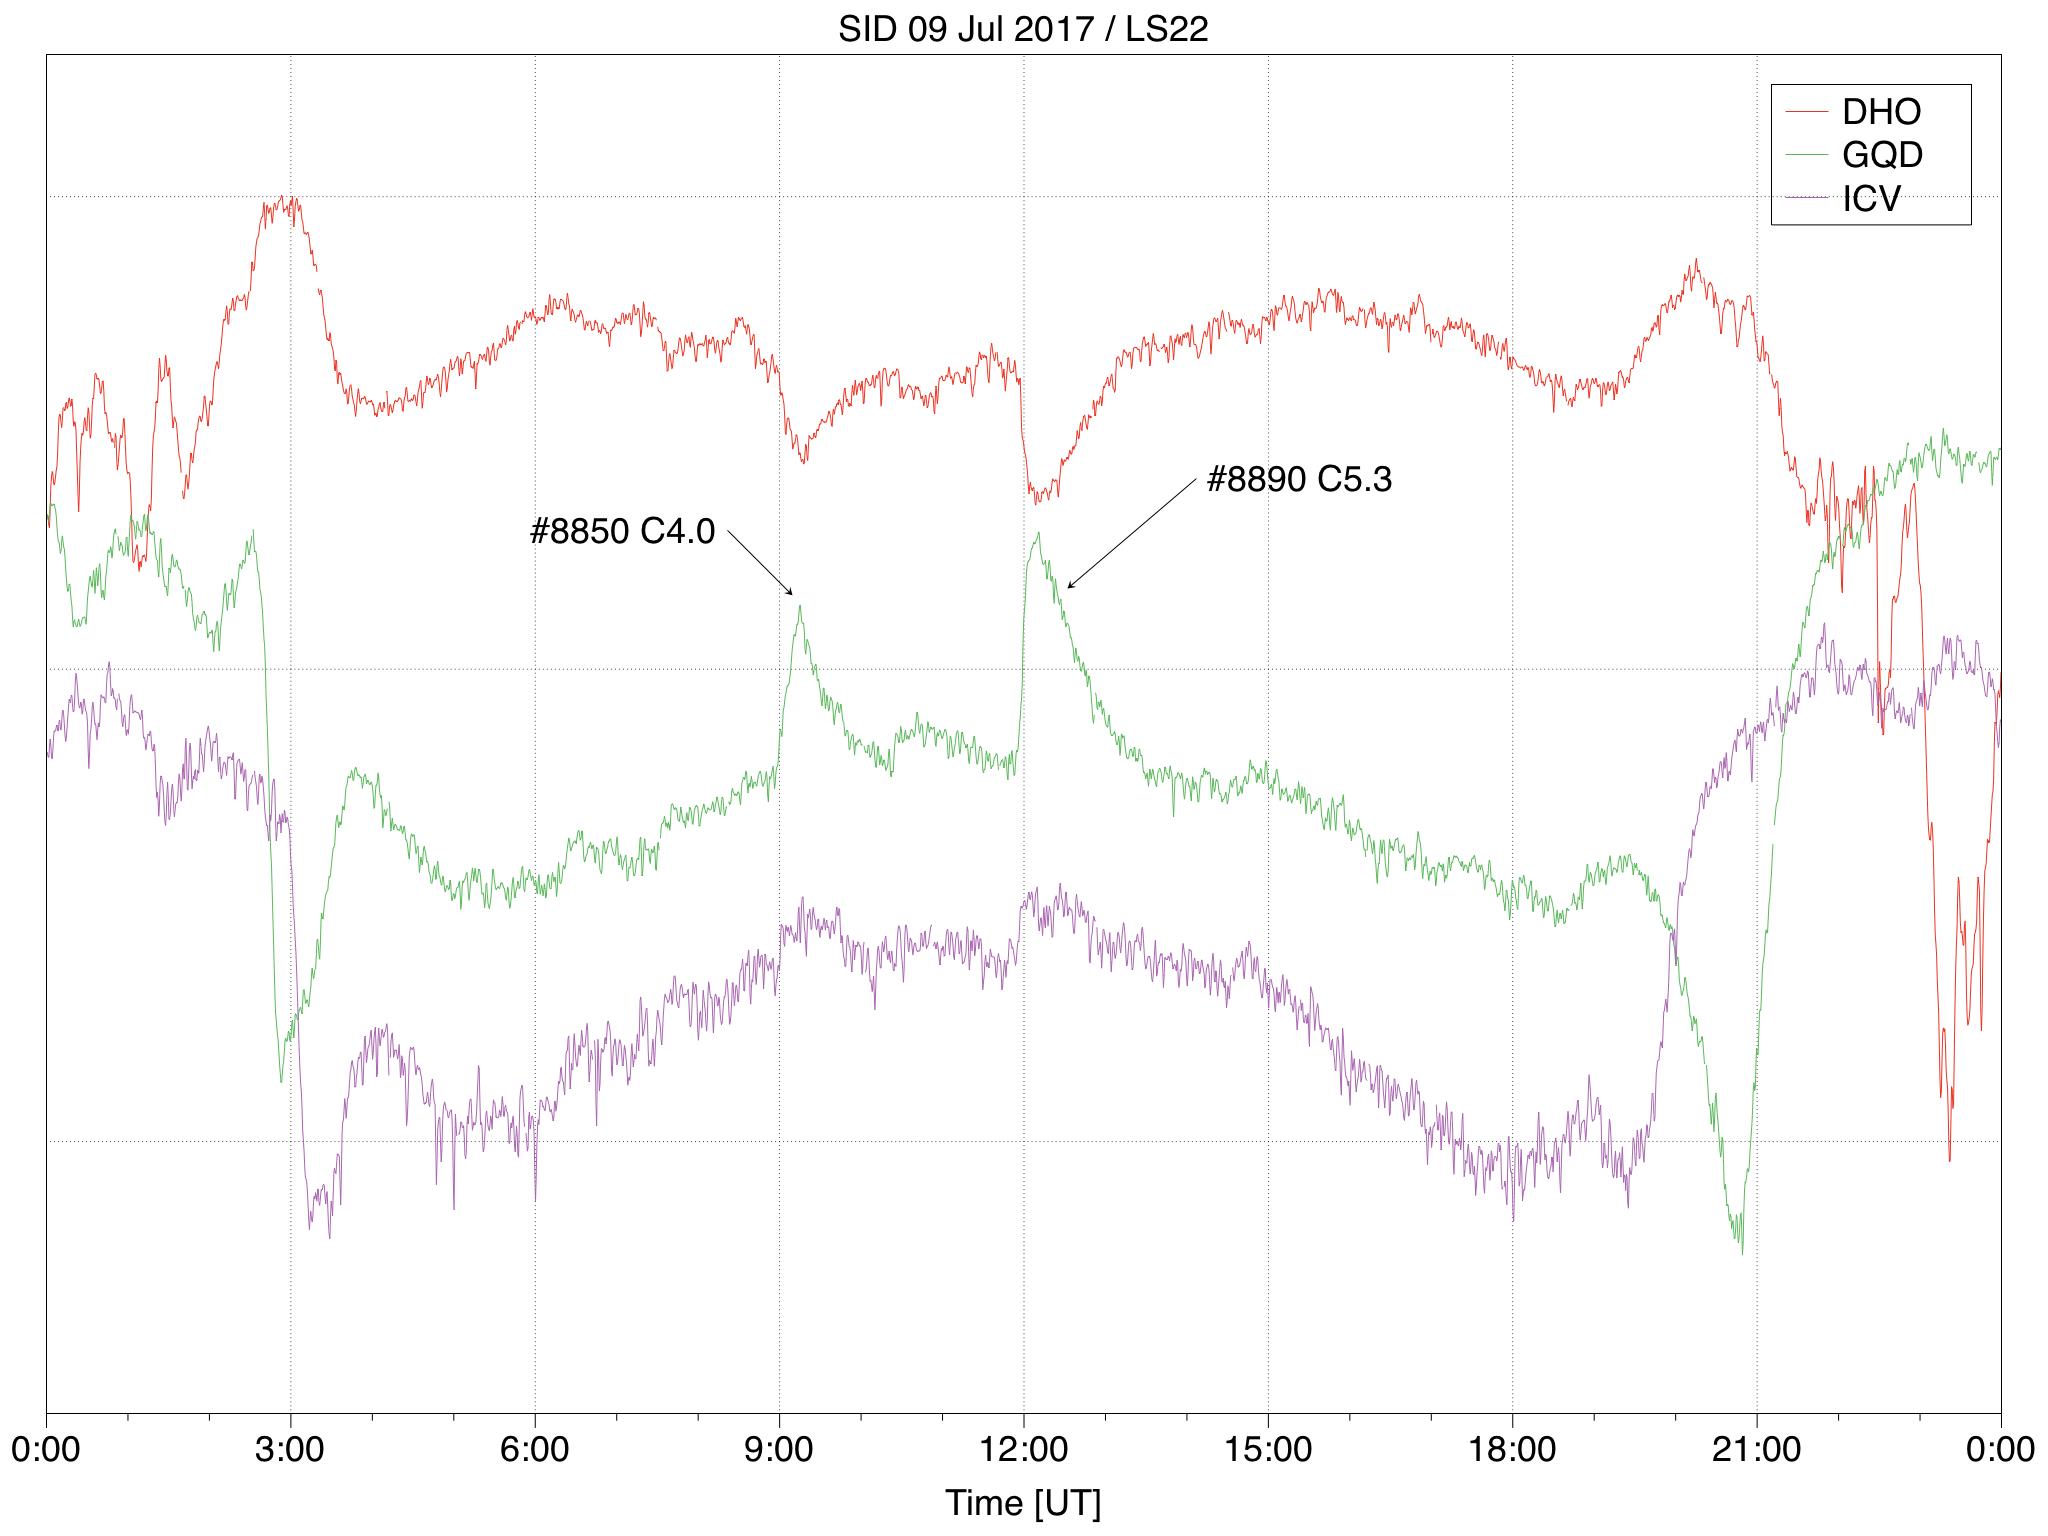 Verlauf der Signalstärke der VLF-Sender DHO (rot), GQD (grün) und ICV (lila) für der 9. Juli 2017. Die Sonnenereignisse #8810 und #8890 sind hervorgehoben.